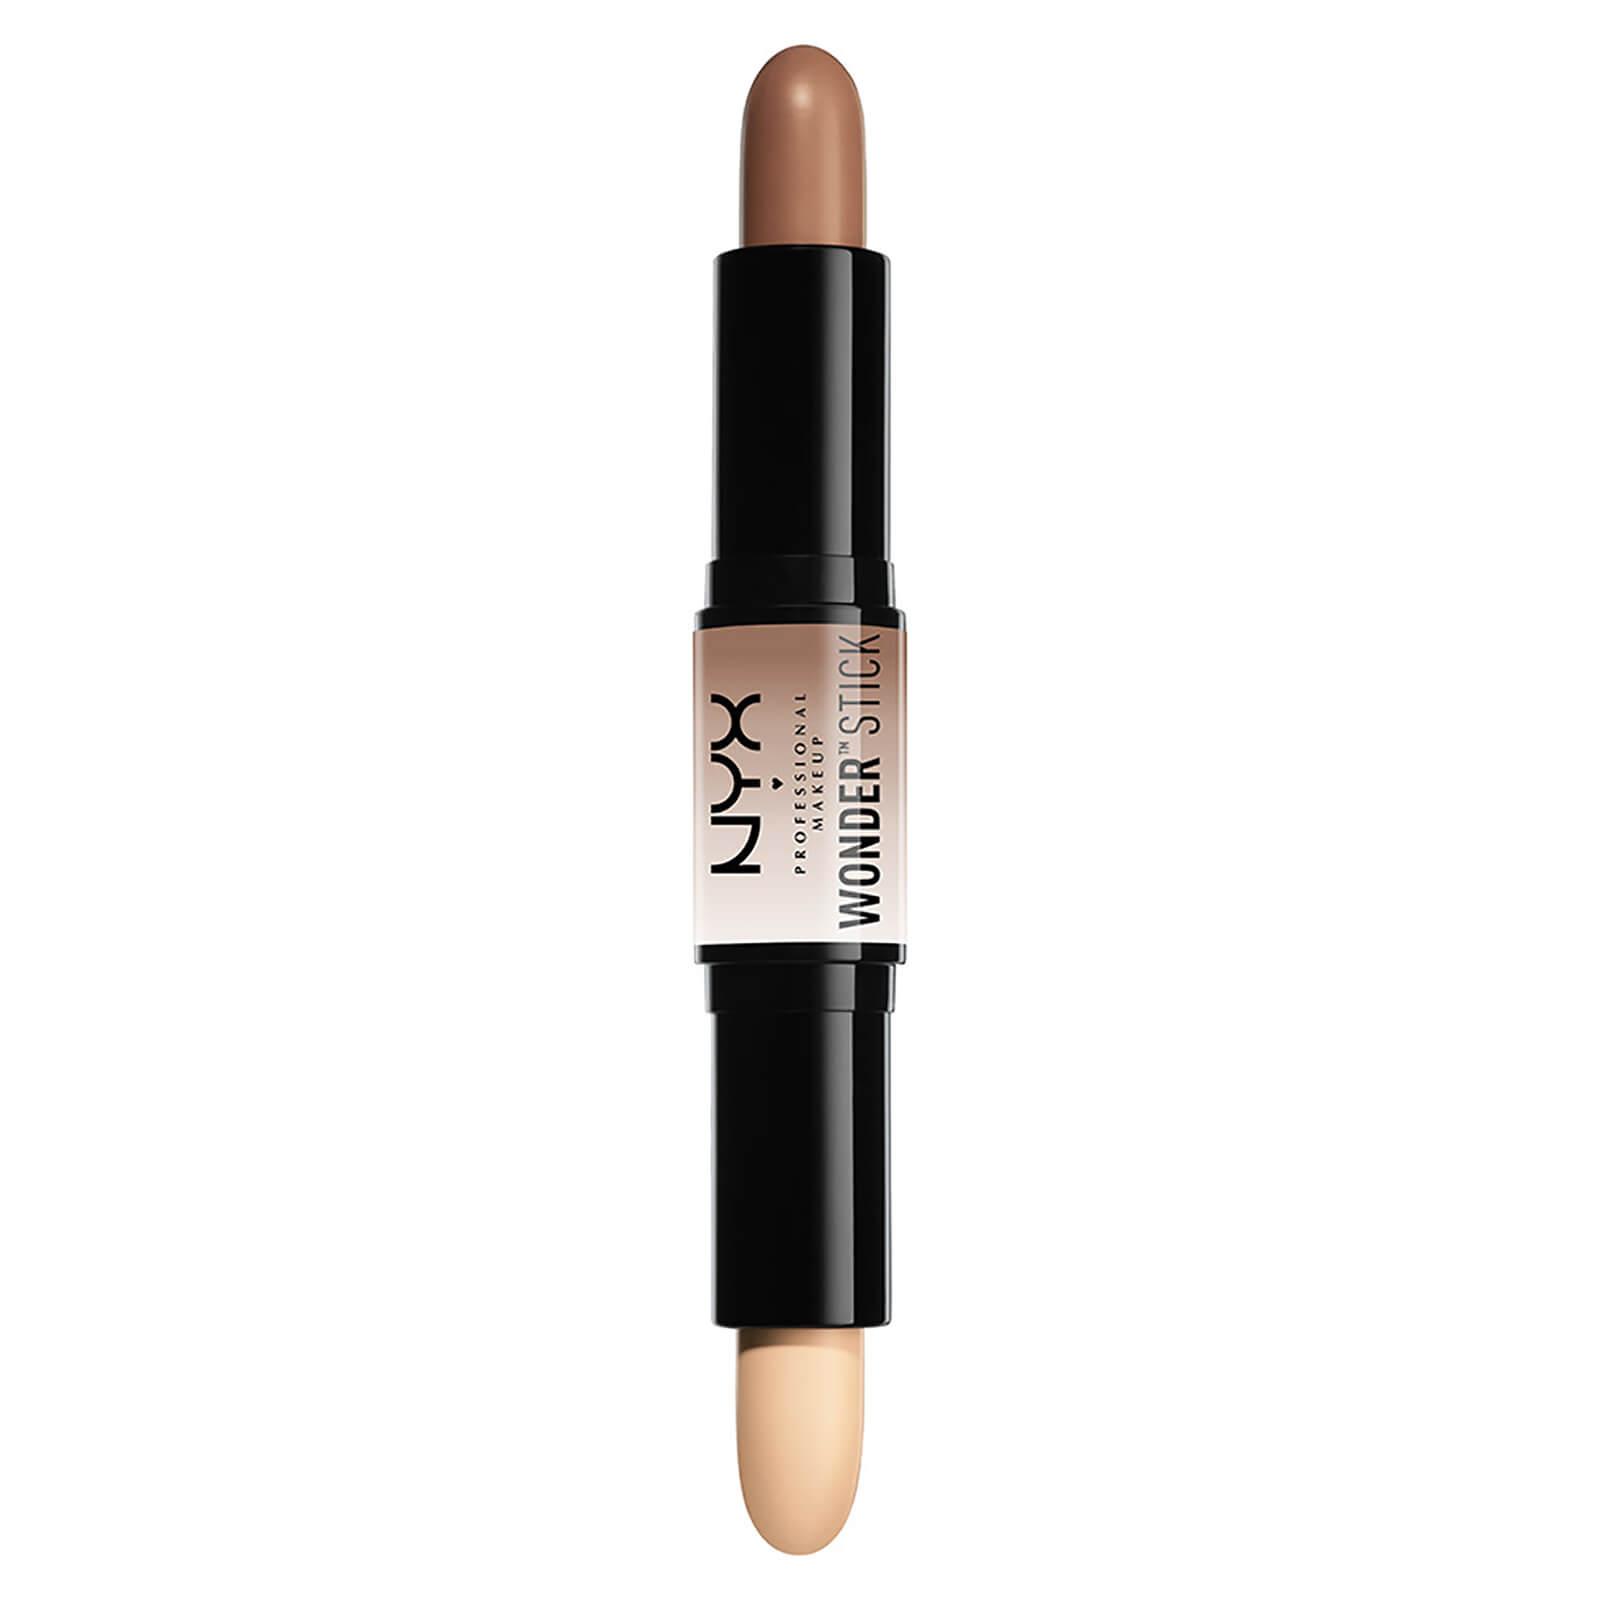 Купить Двойной карандаш для контурирования NYX Professional Makeup Wonder Stick - Highlight & Contour - Light